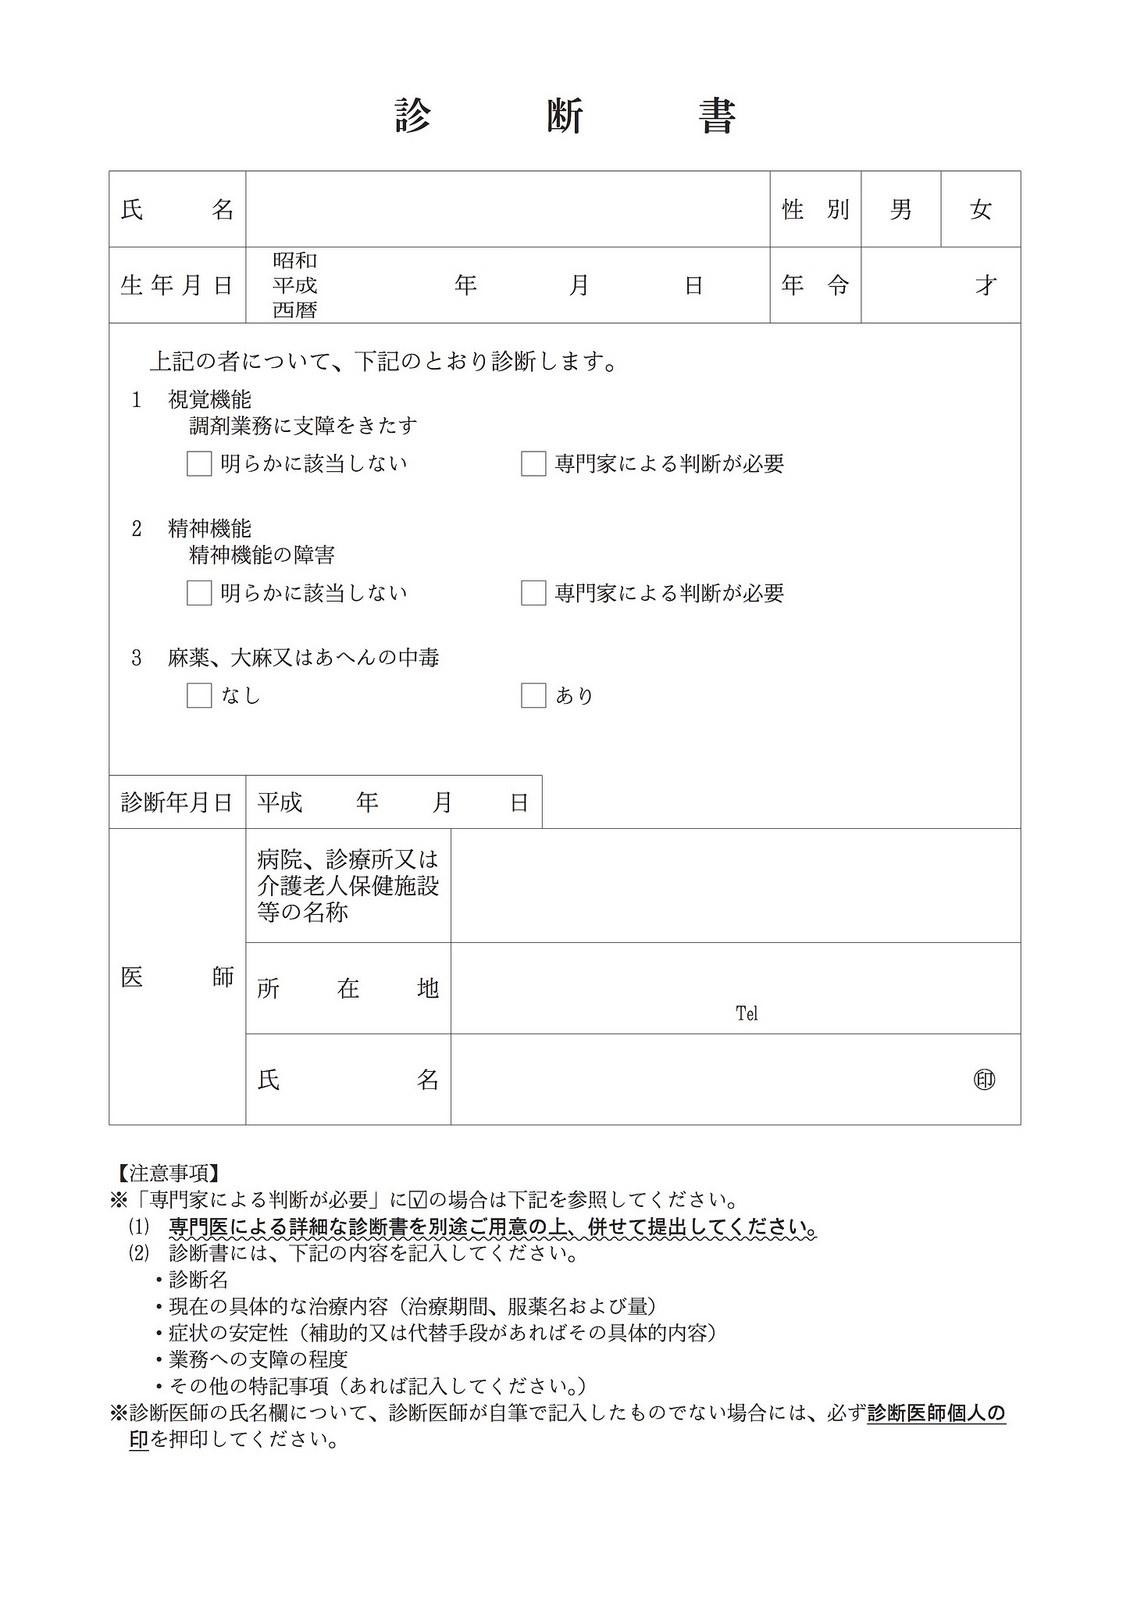 薬剤師国家試験免許申請 診断書